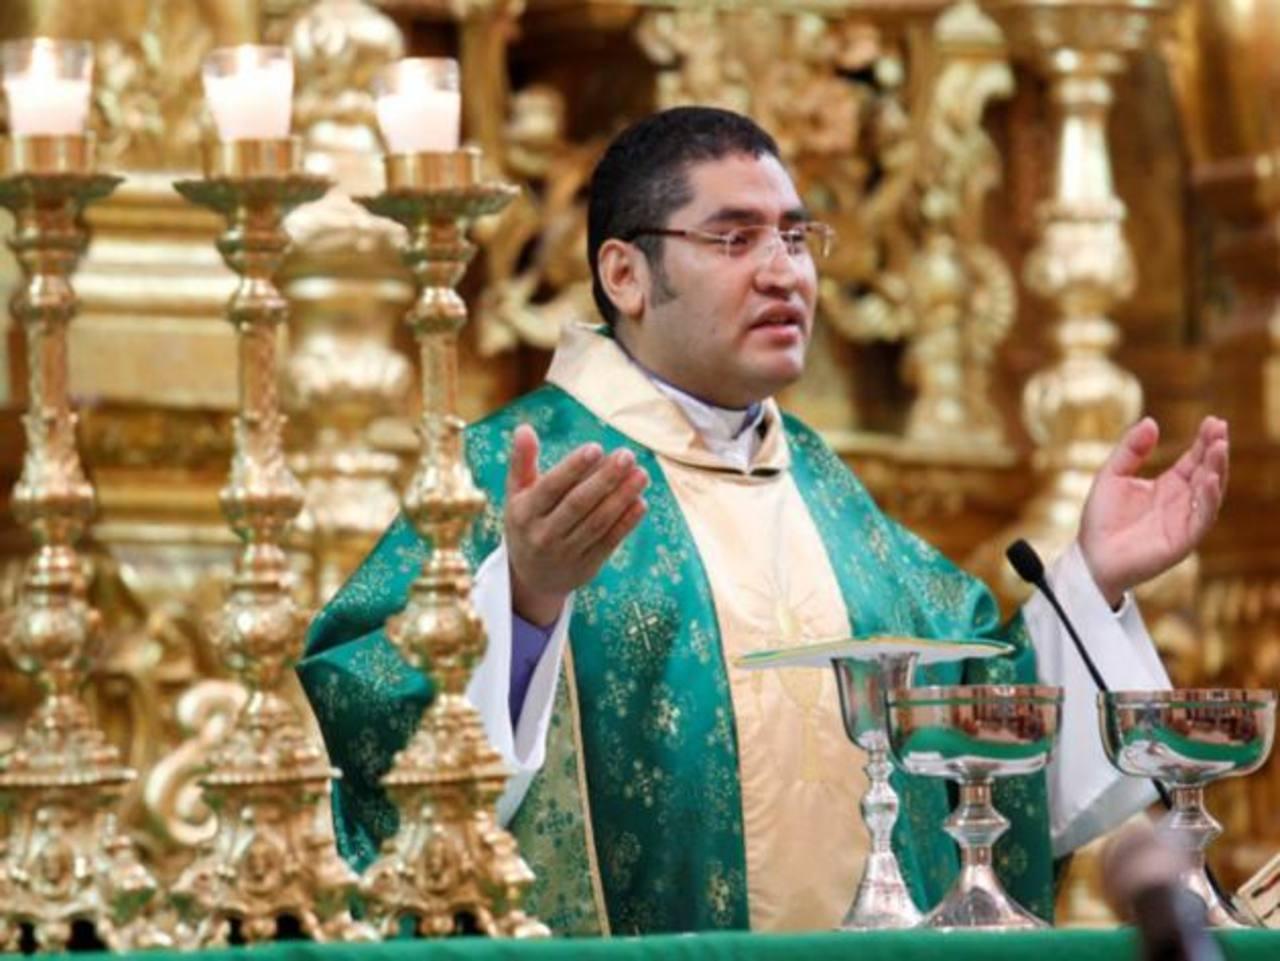 El vicario de la diócesis de Tegucigalpa, Carlos Rubio, en una de sus homilías dominicales. Foto EDH / internet